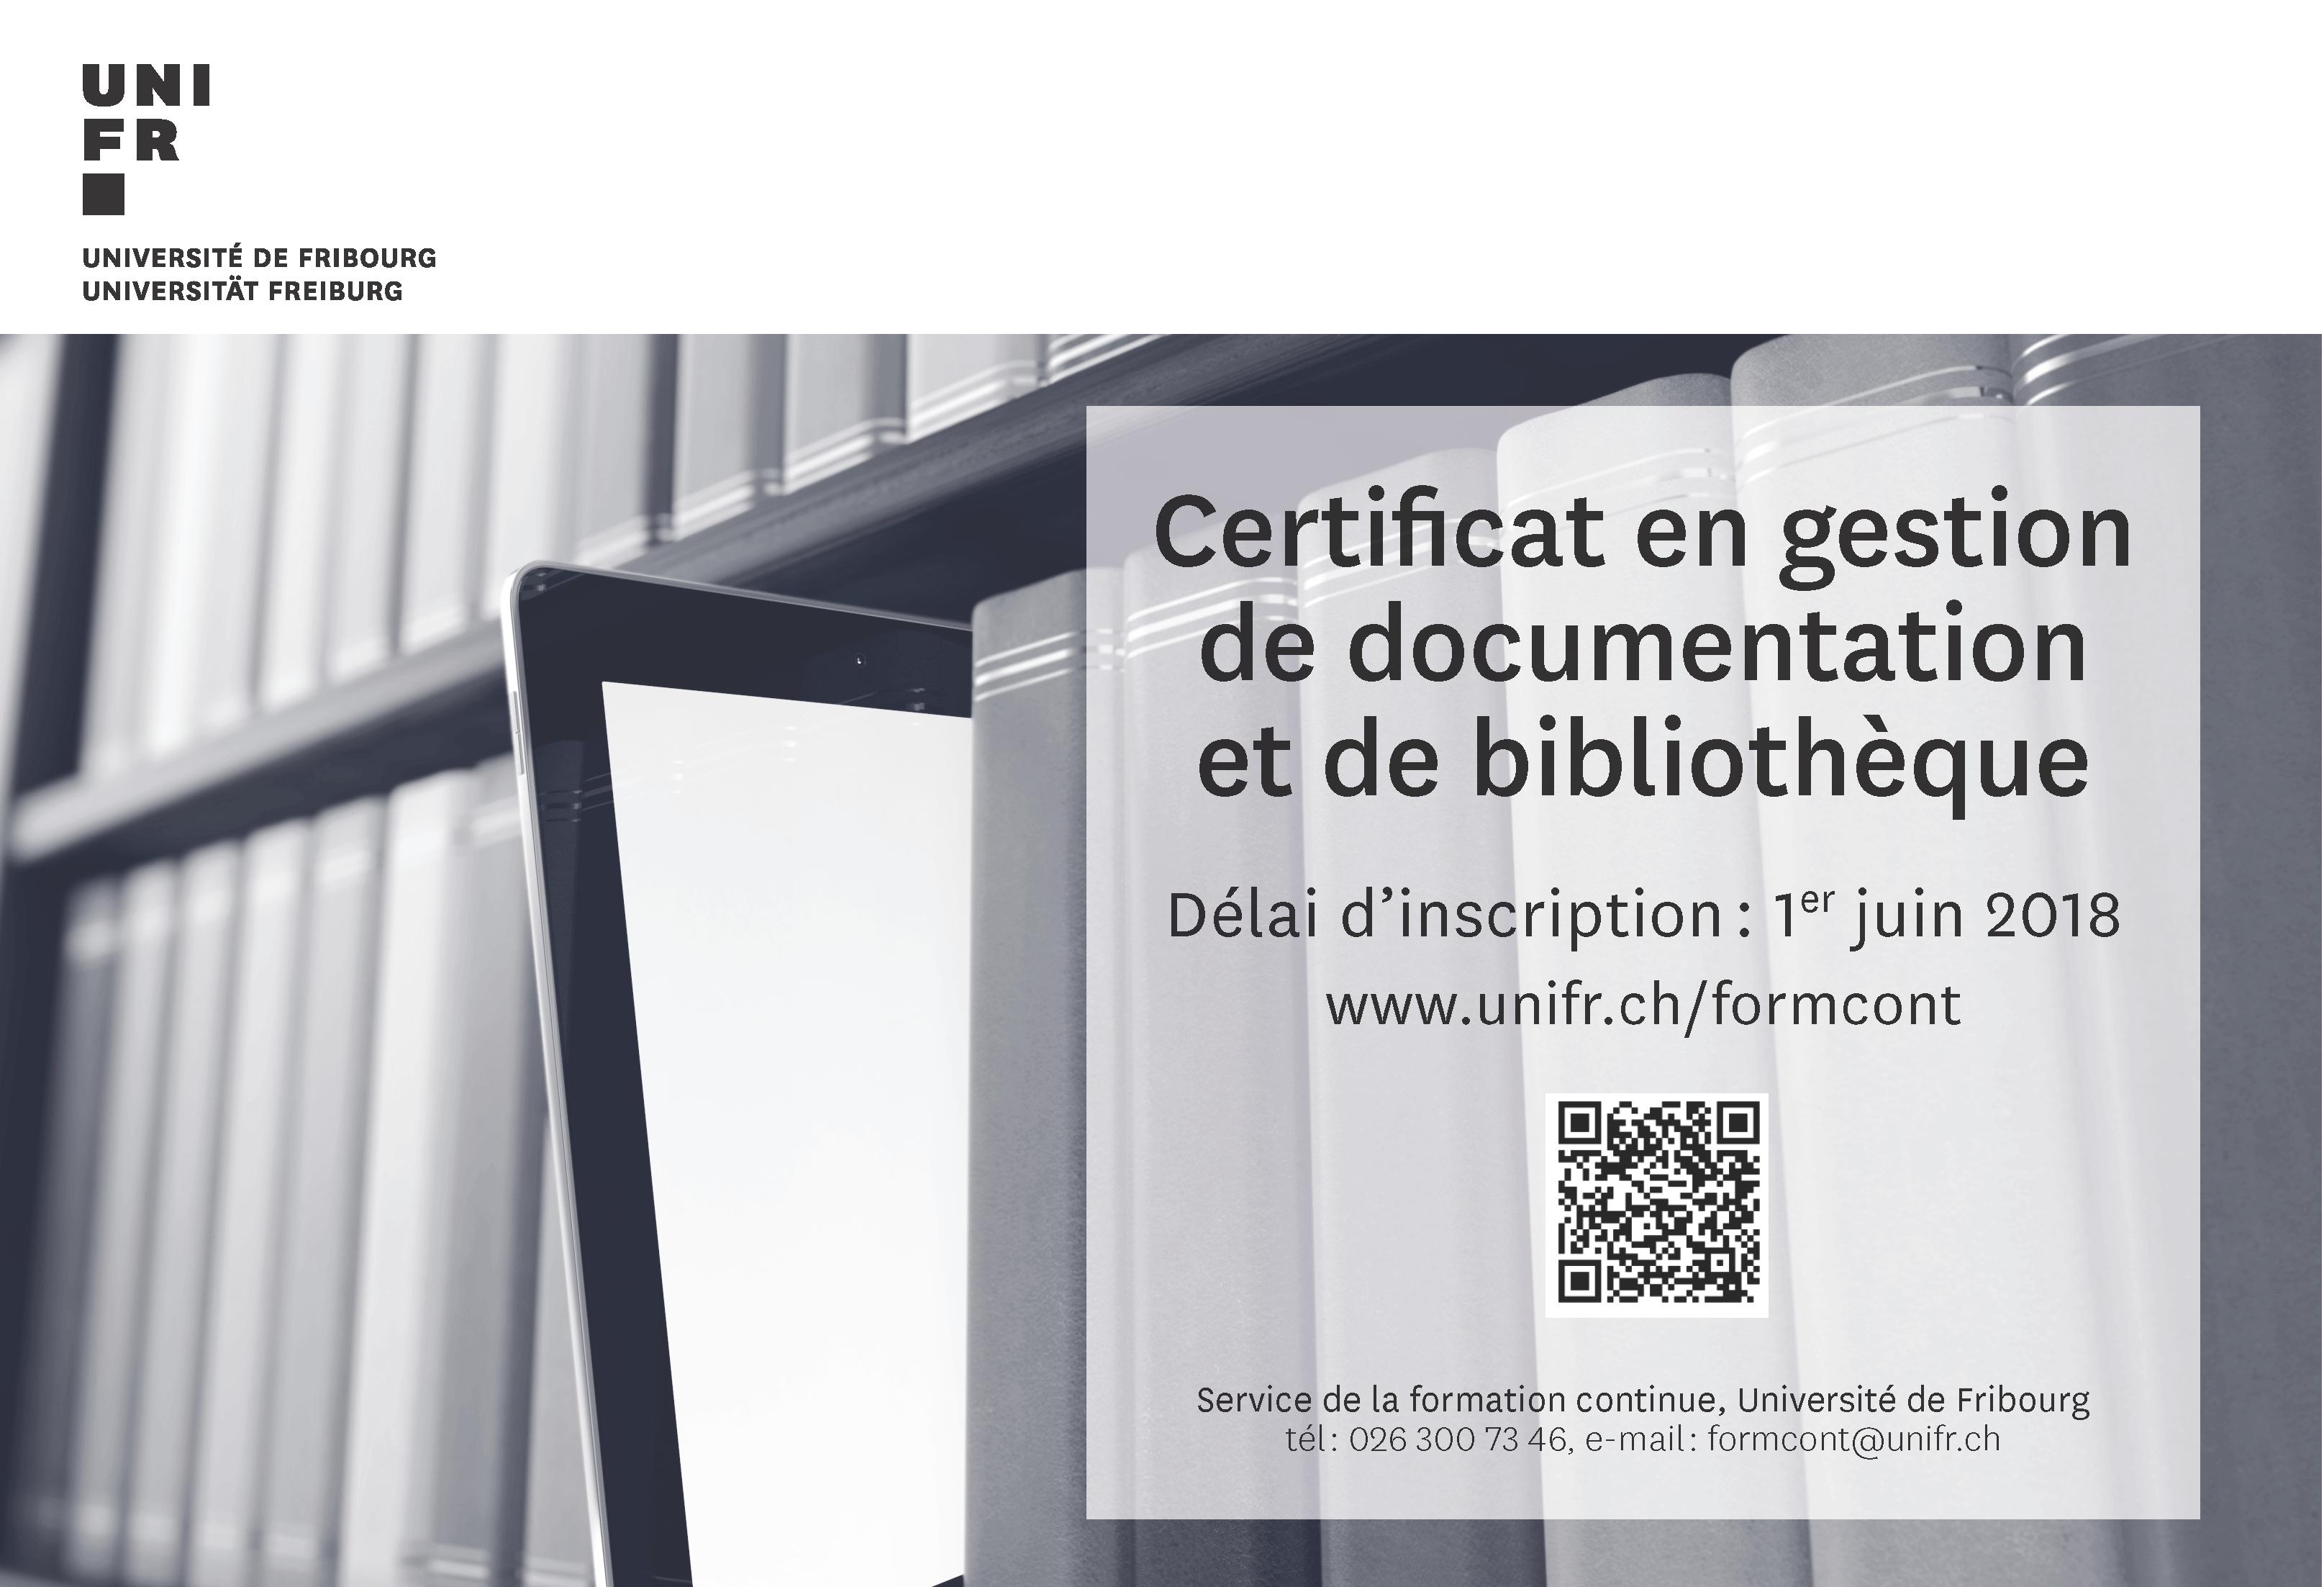 Université Fribourg Certificat Documentation Bibliothèque Février2018